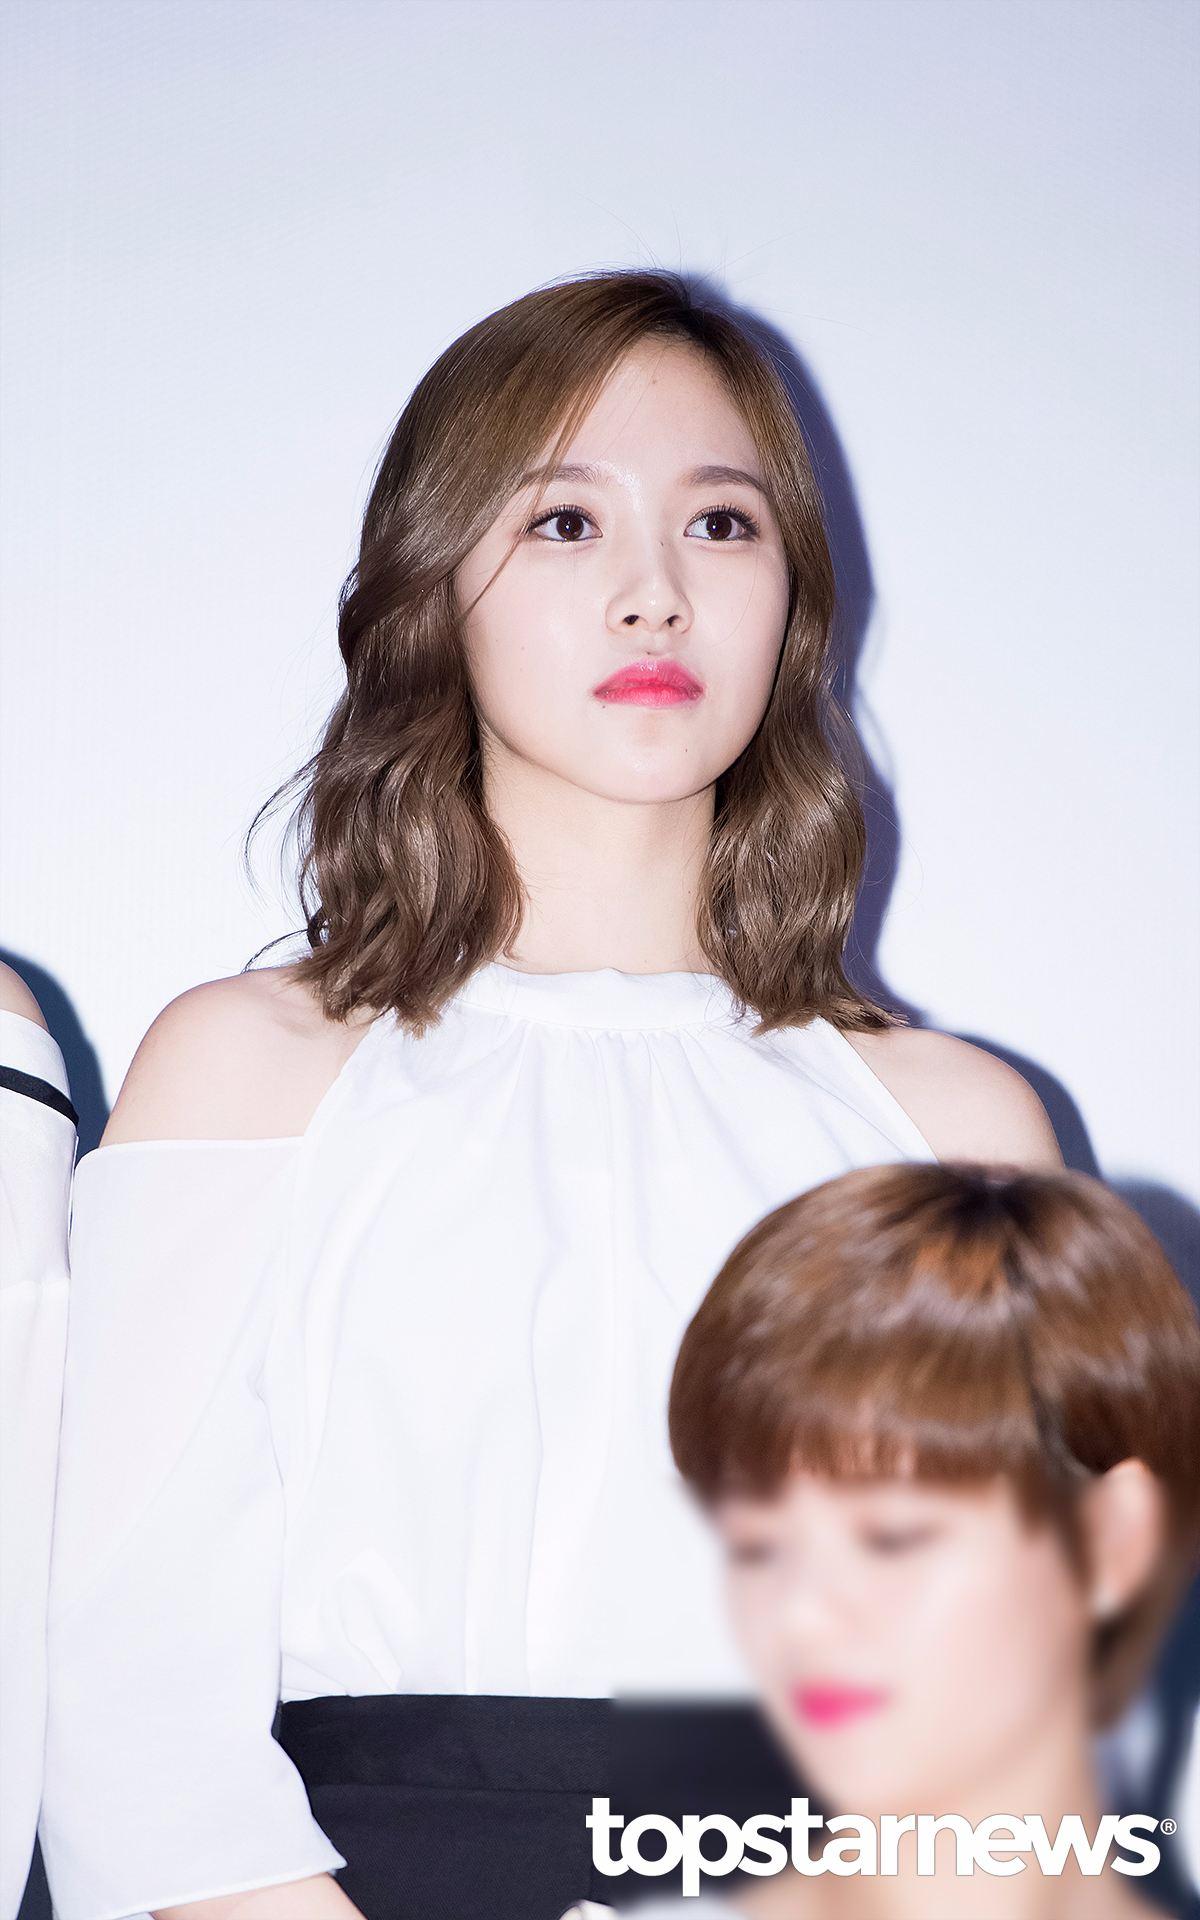 其實Mina也有過捲髮,雖然捲髮也很美,不過小編還是覺得捲髮會有點显老,而且沒有直髮更適合Mina高冷安靜的氣質。